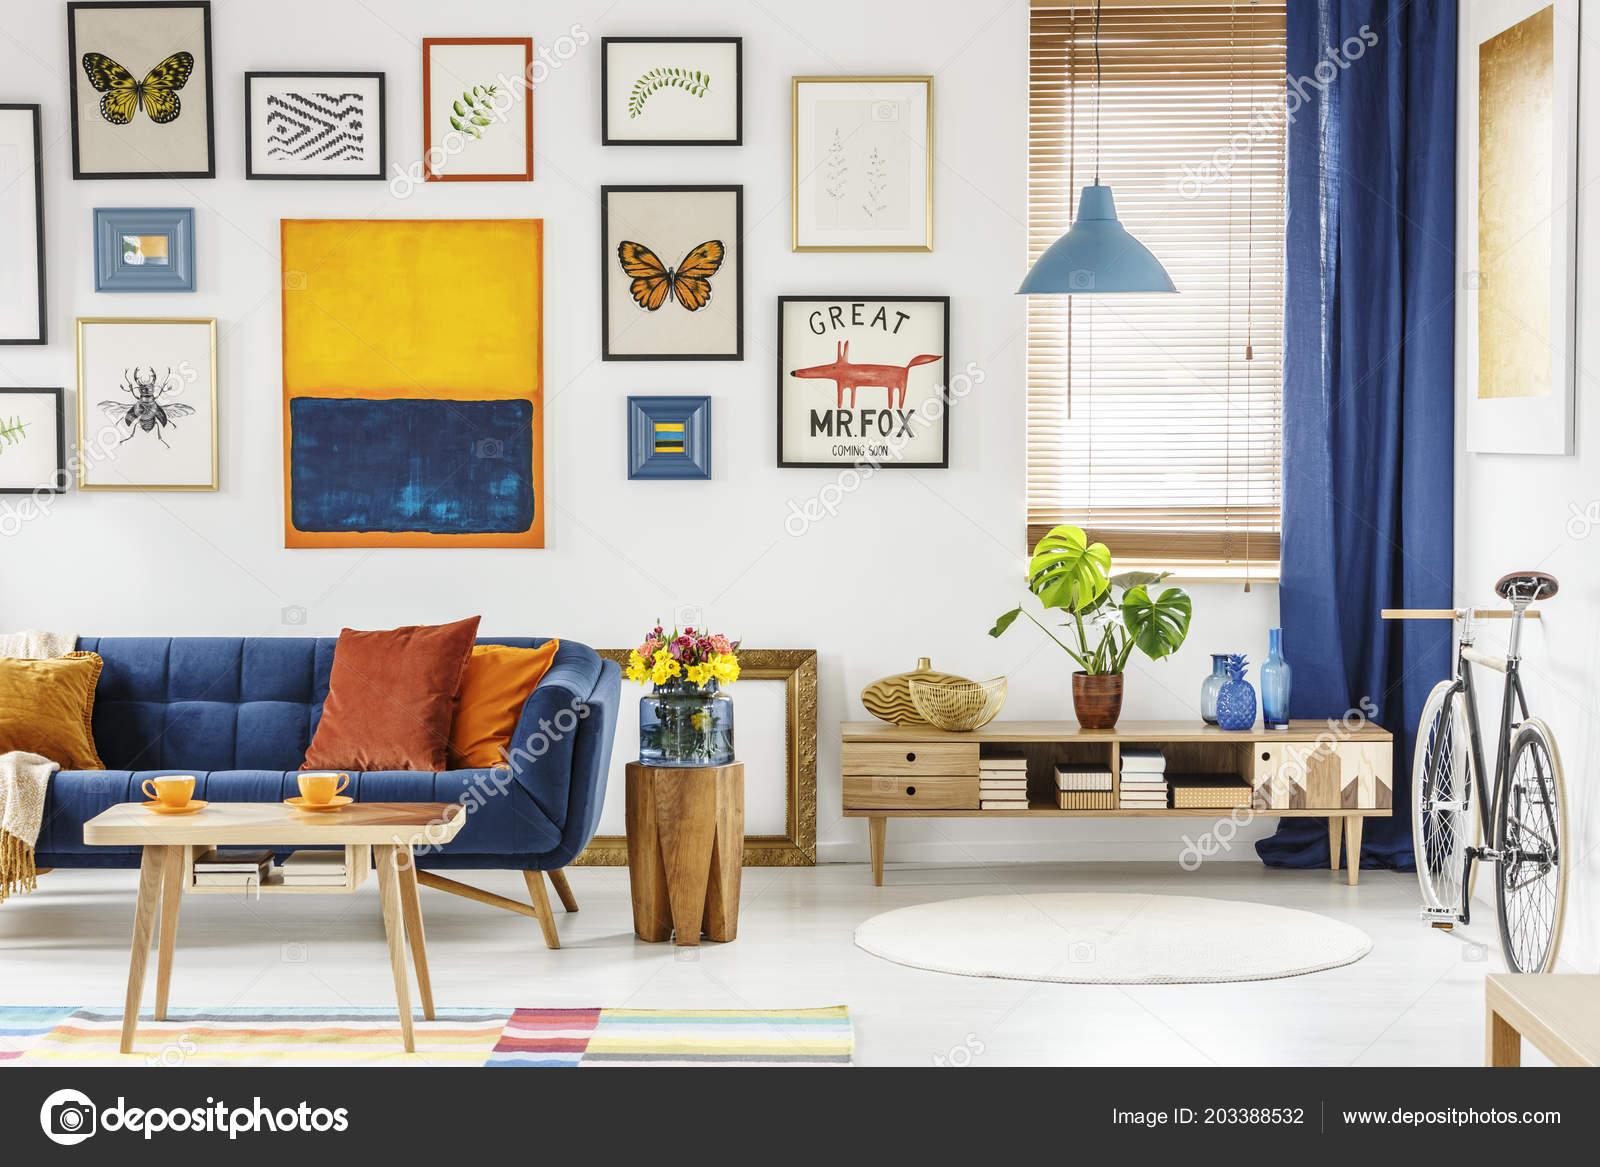 Fiori sgabello legno accanto divano piatto interno con galleria